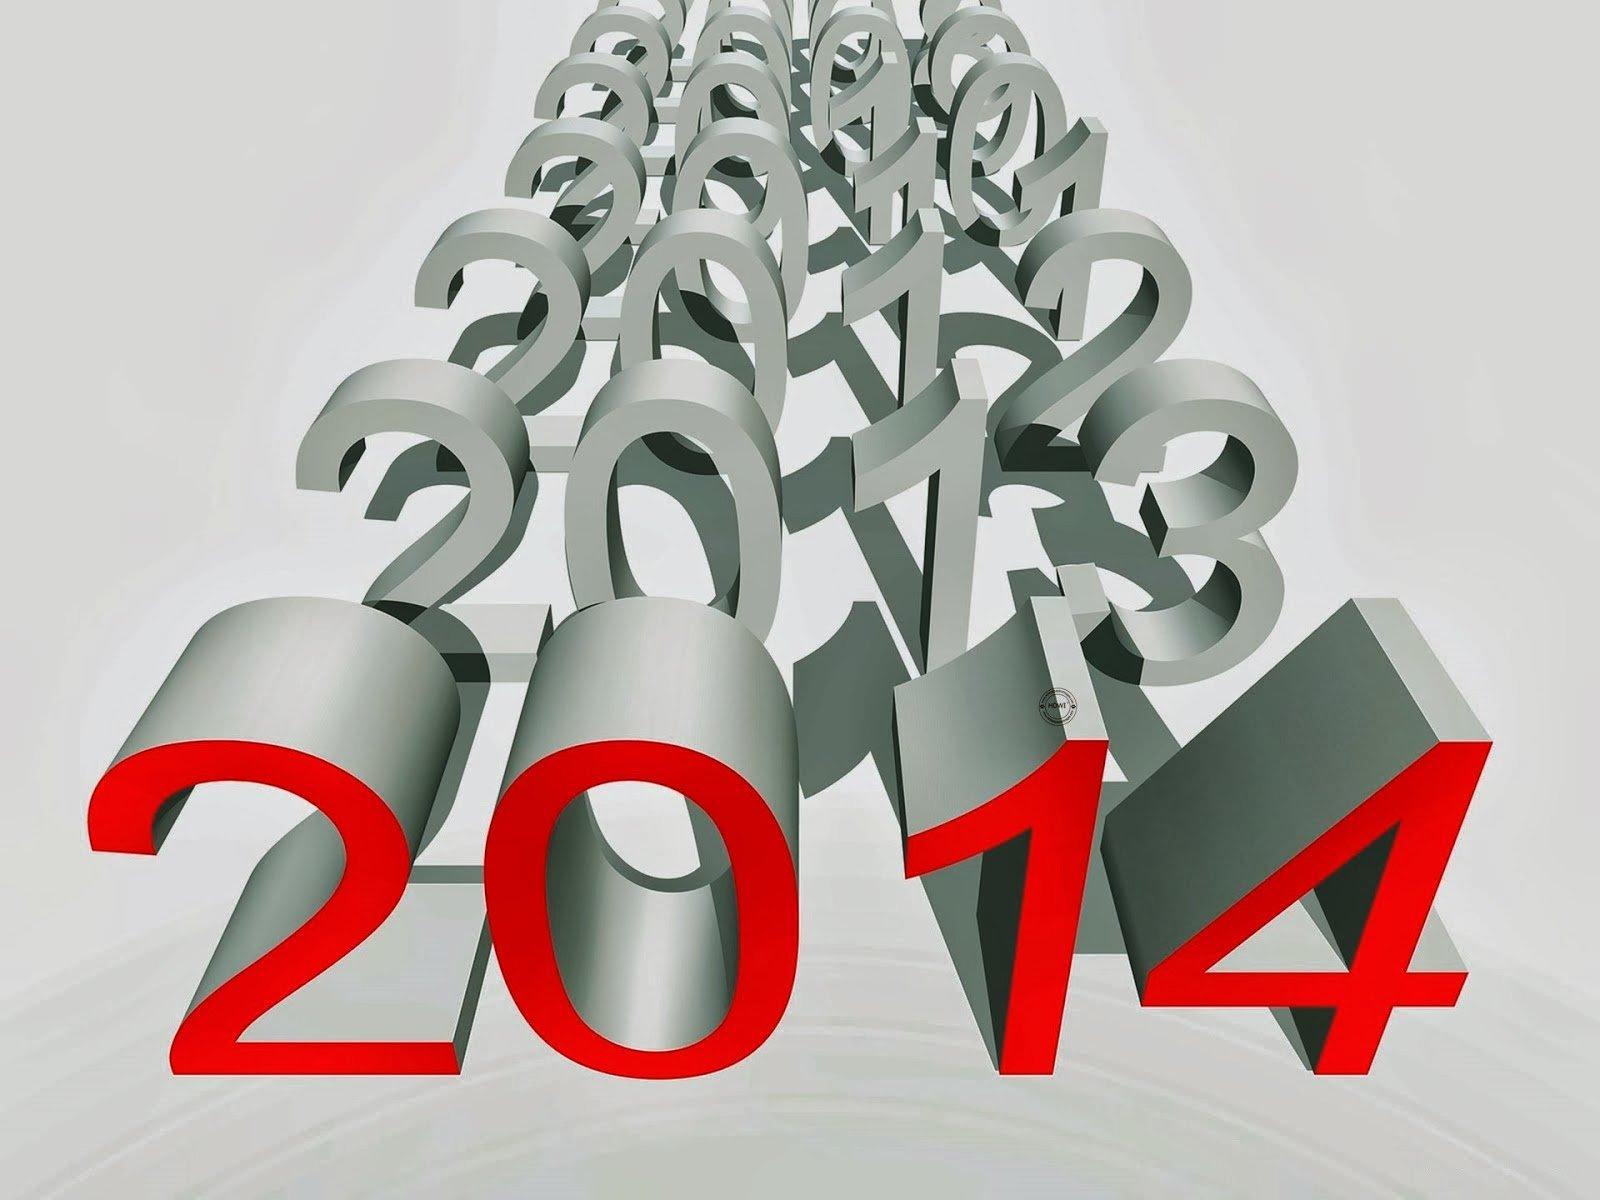 Hình ảnh Hình ảnh chúc mừng năm mới 2014 hot nhất số 5